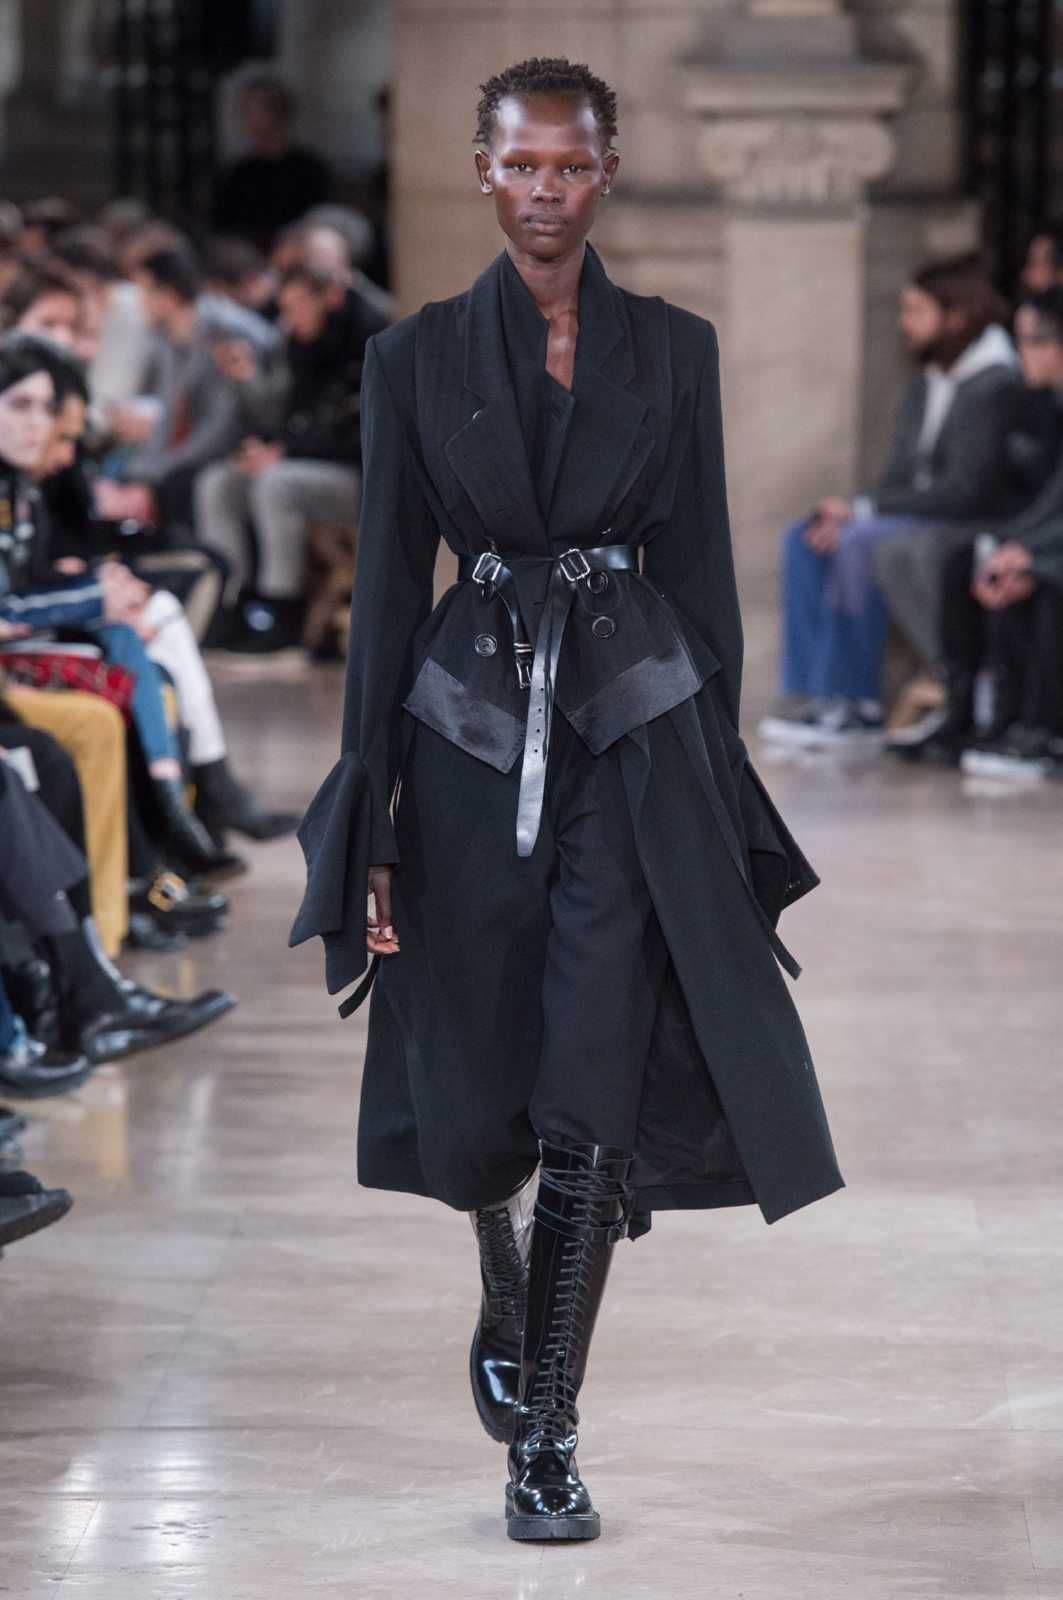 foto de Male Fashion Trends: Ann Demeulemeester Fall Winter 2018